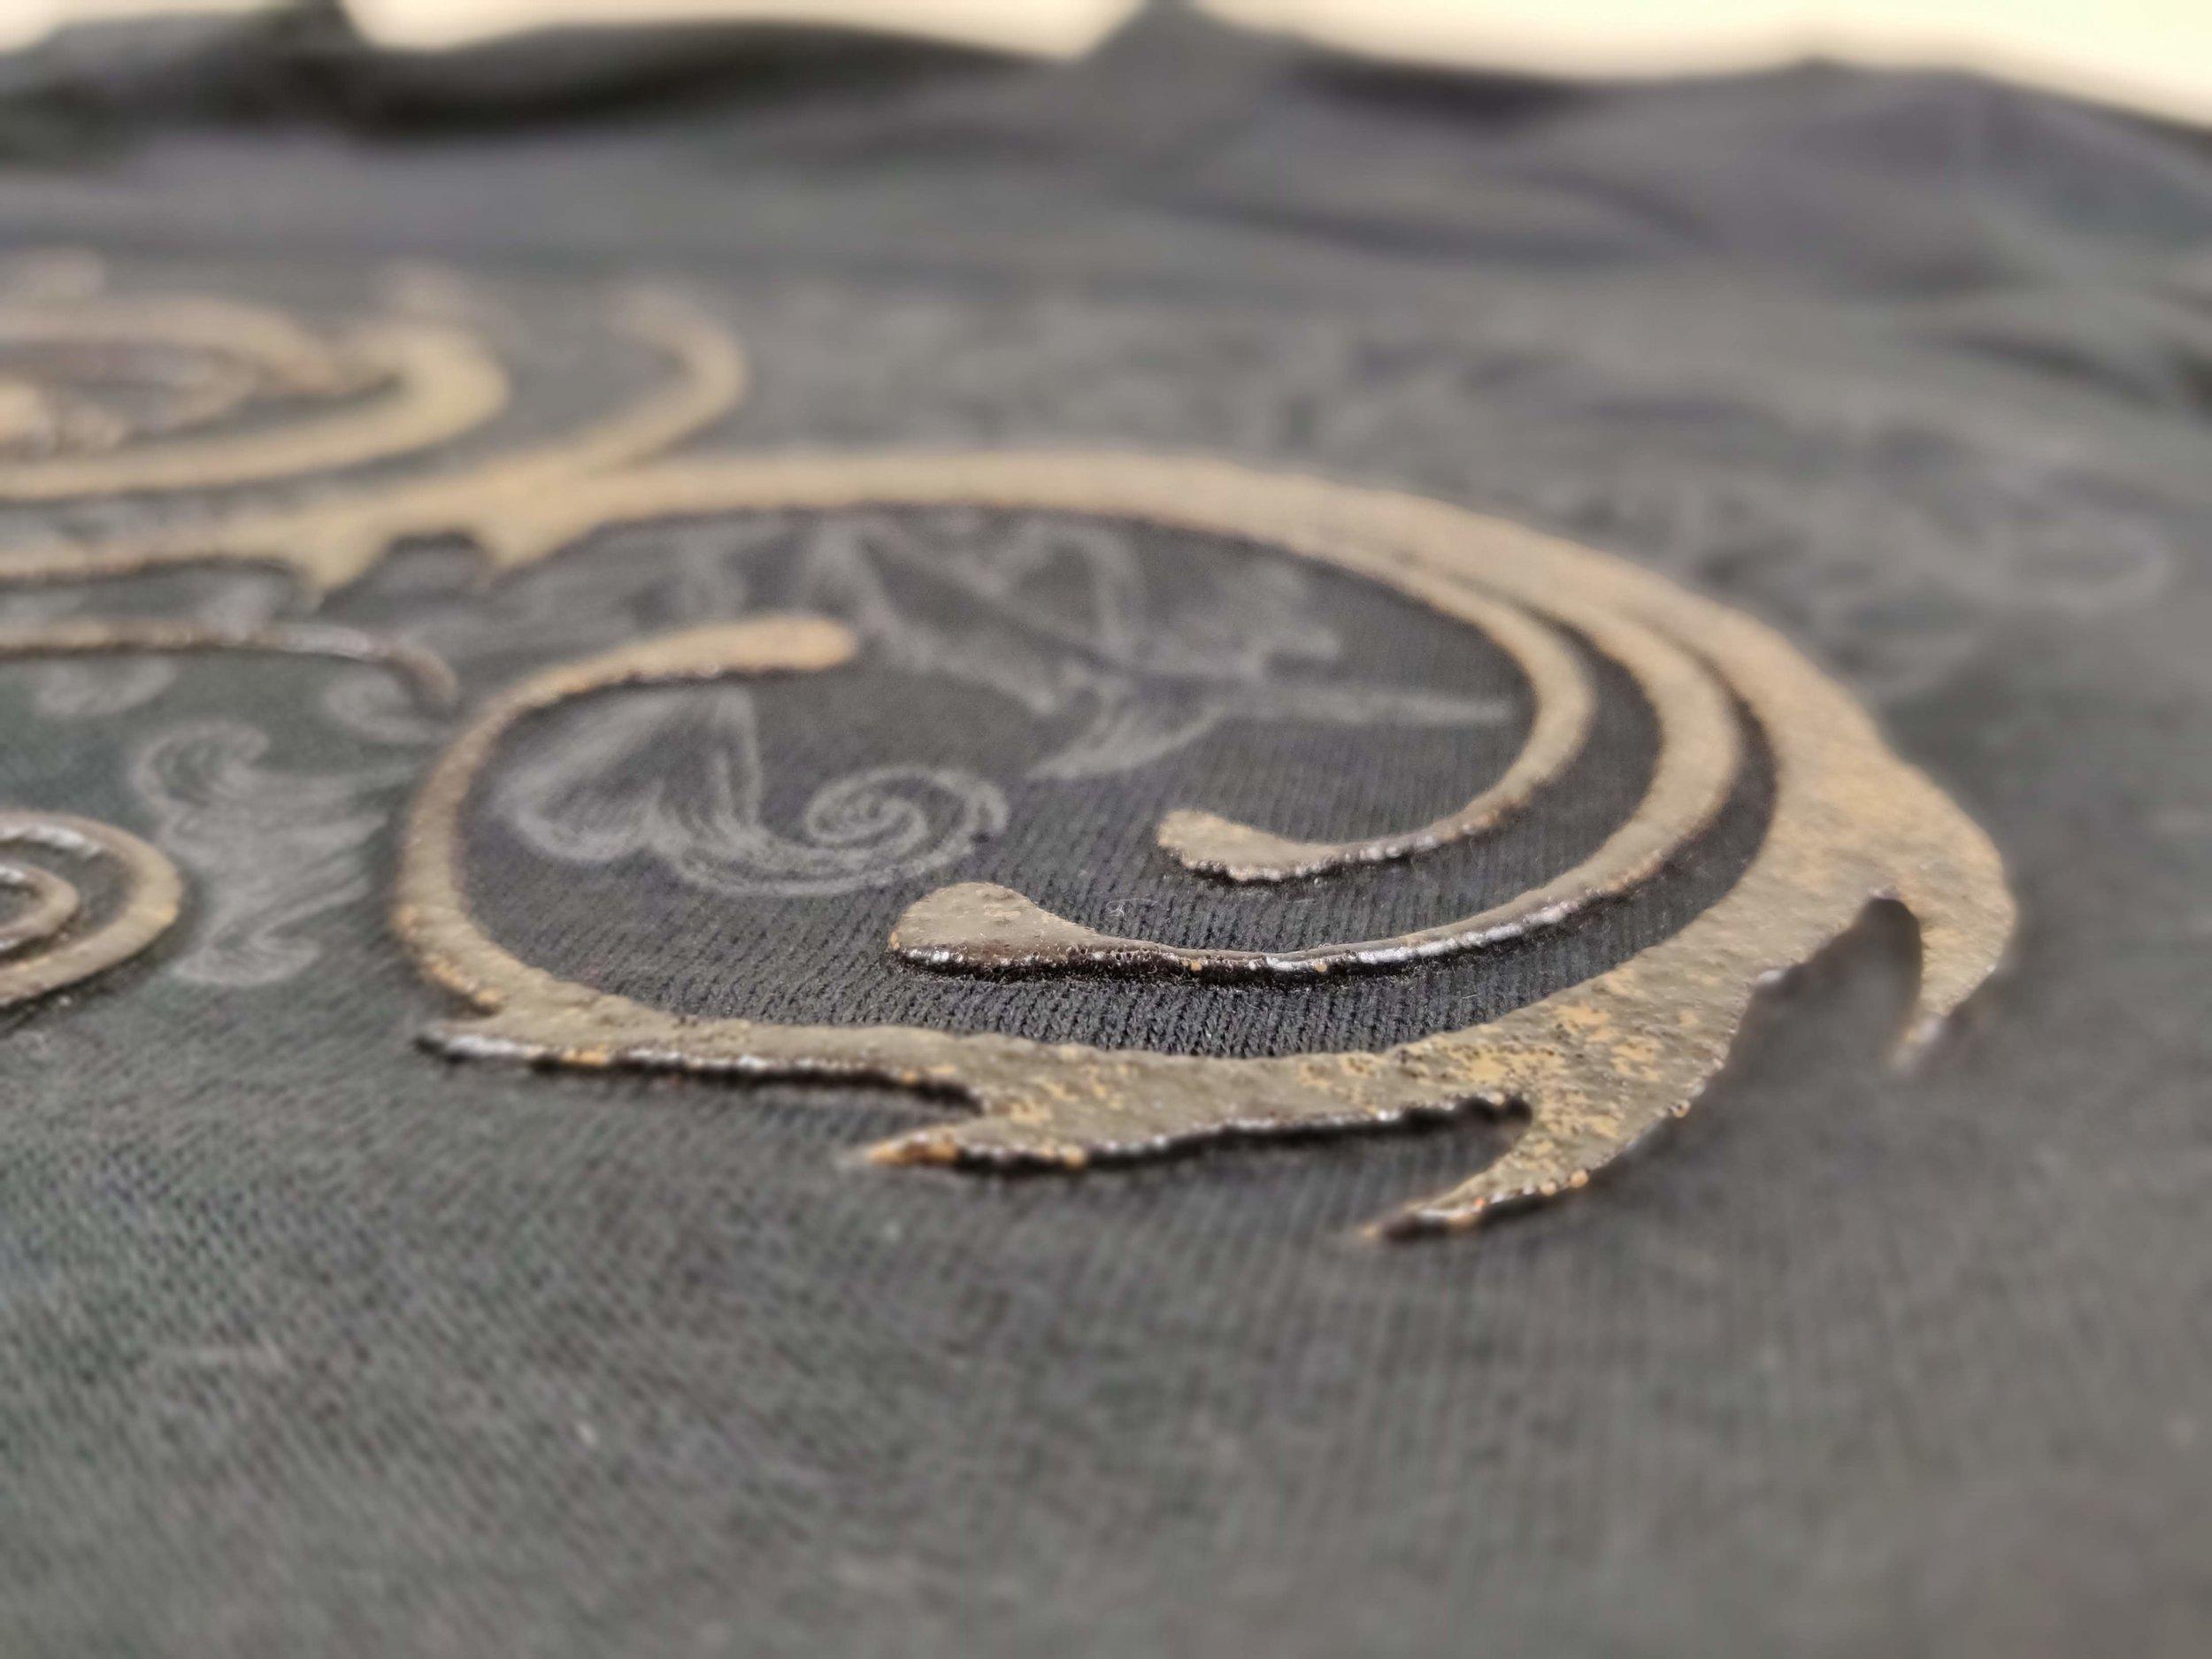 3D painatukset   Tummille tai vaaleille paidoille. Yleensä vain yksi painoväri 3D:nä painatuksessa. Suositellaan käytettäväksi vain pienessä osassa painatusta, muuten painatuksesta tule paksu ja raskas. Kestää hyvin venytystä